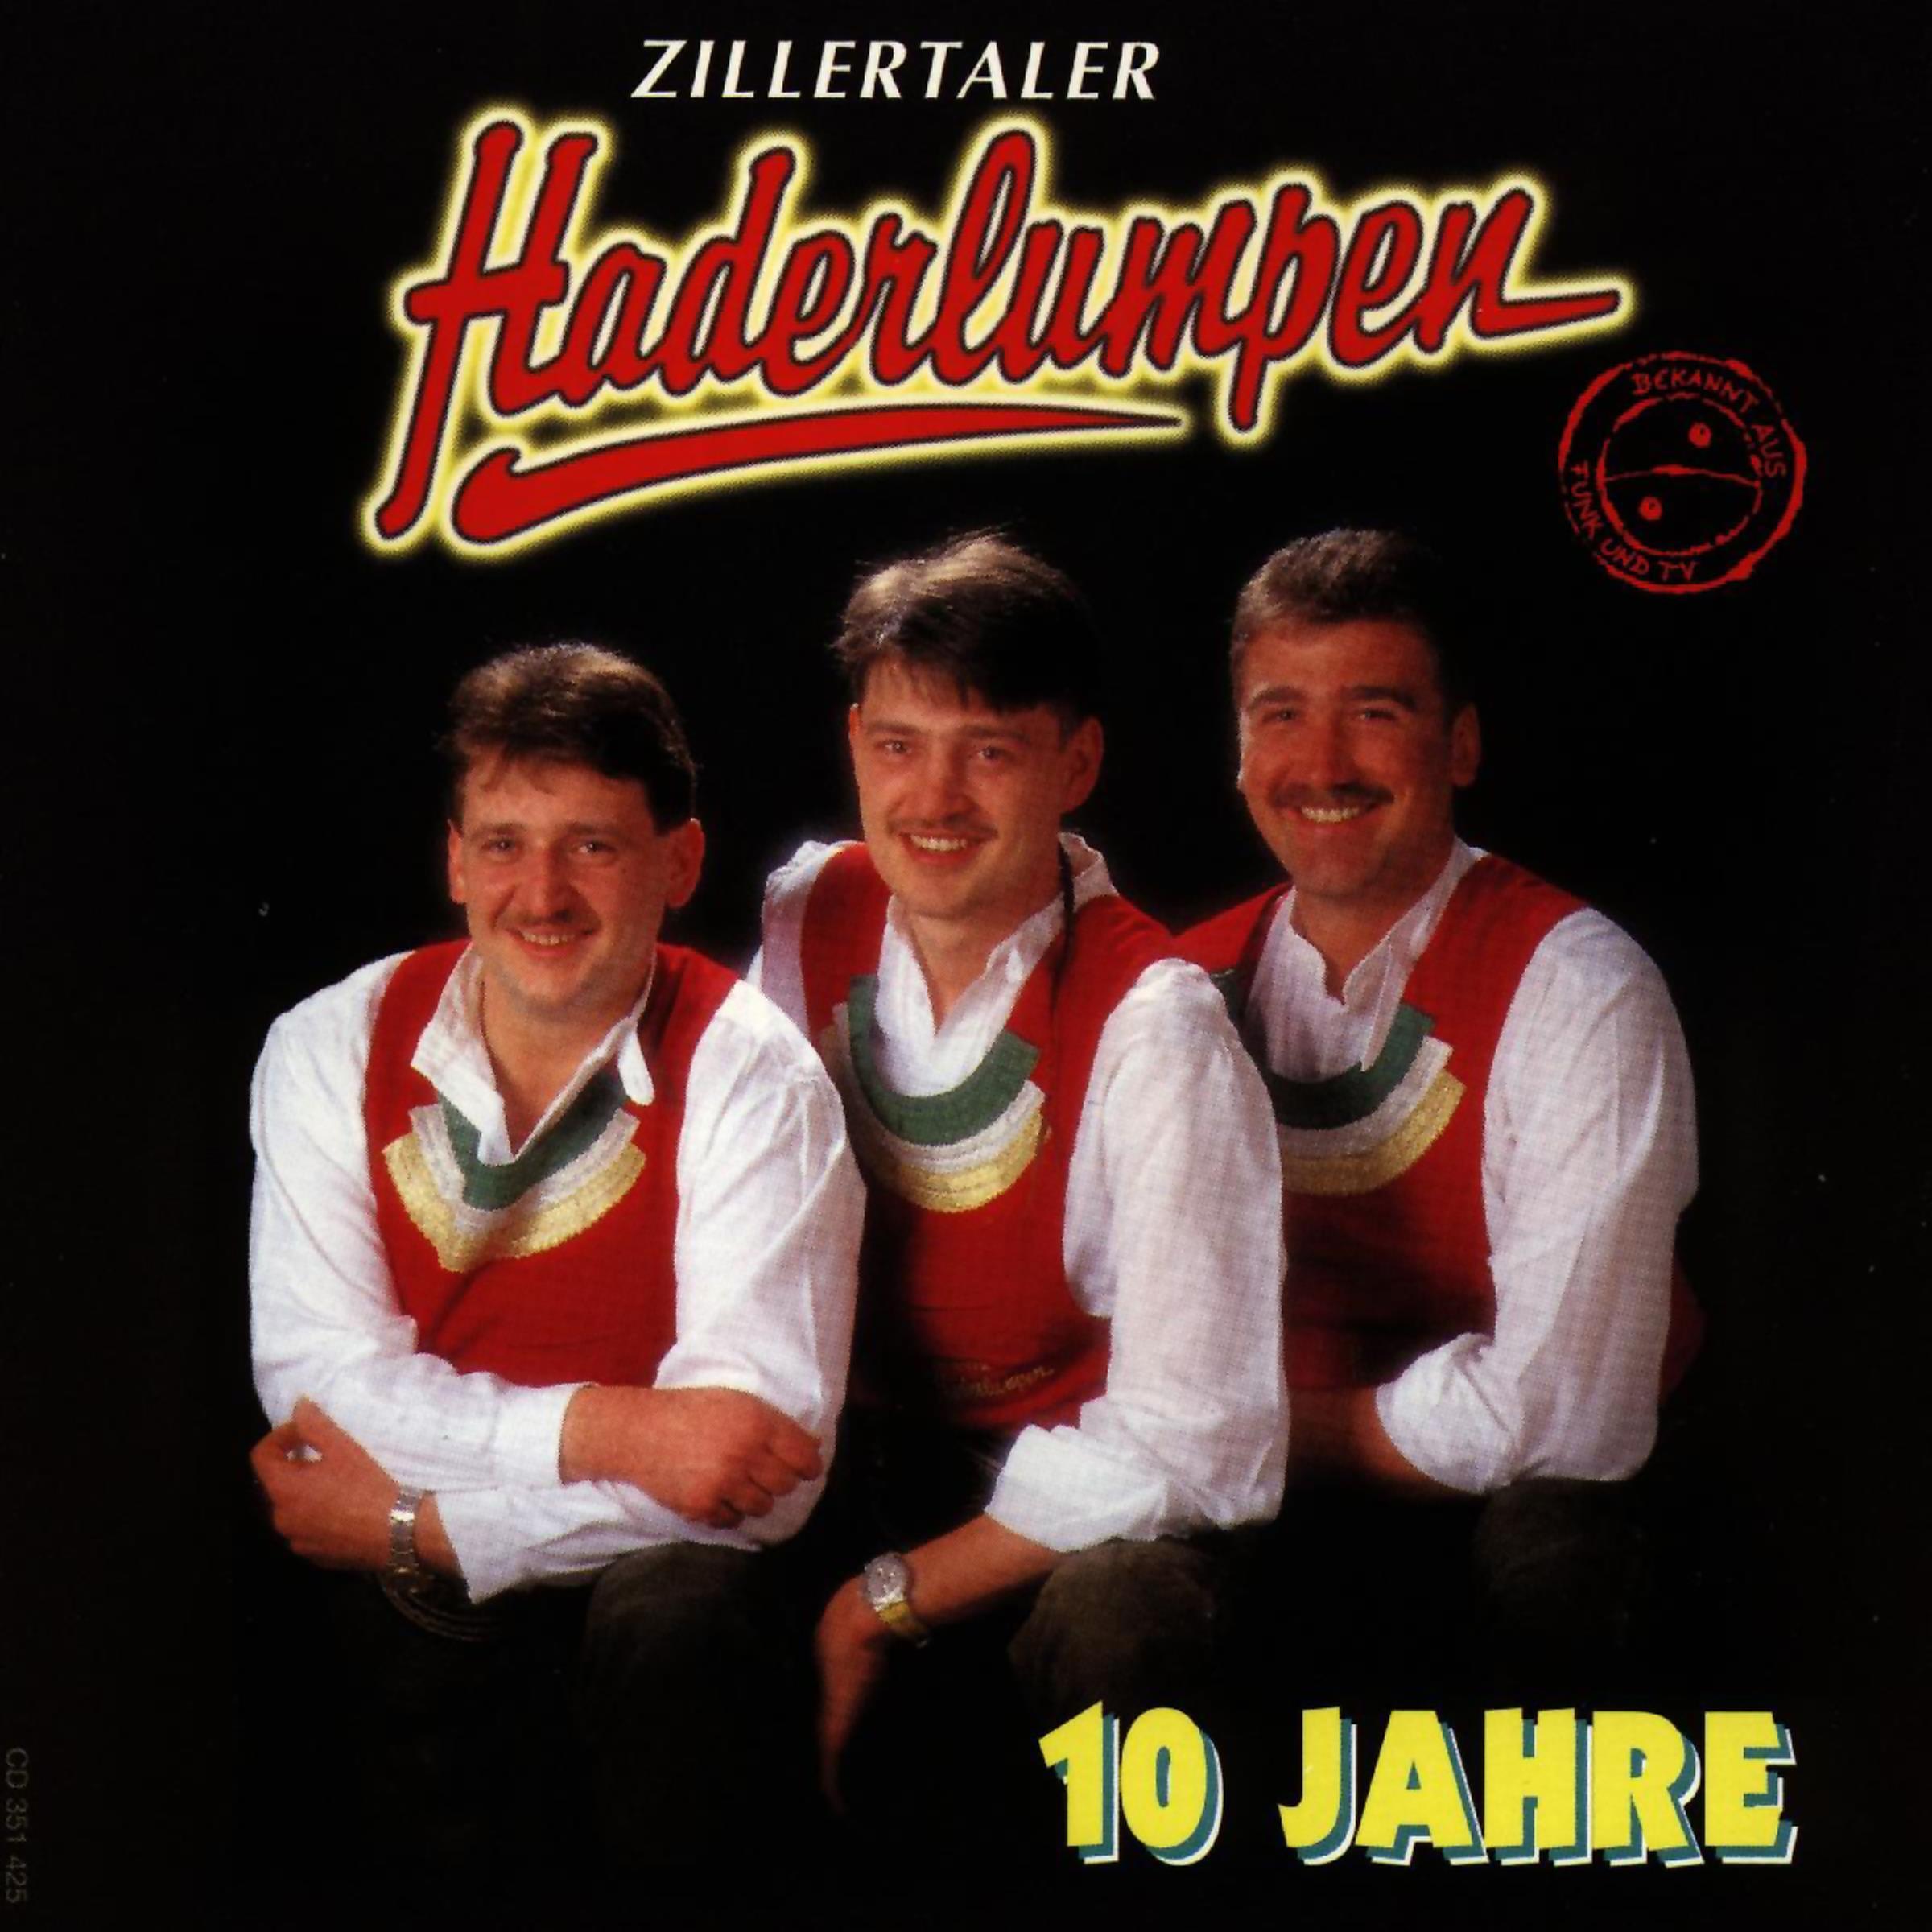 MP3 Songs Online:♫ Mei 'madl, schnapp dei 'radl - Zillertaler Haderlumpen album 10 Jahre. German Folk,Music,World listen to music online free without downloading.